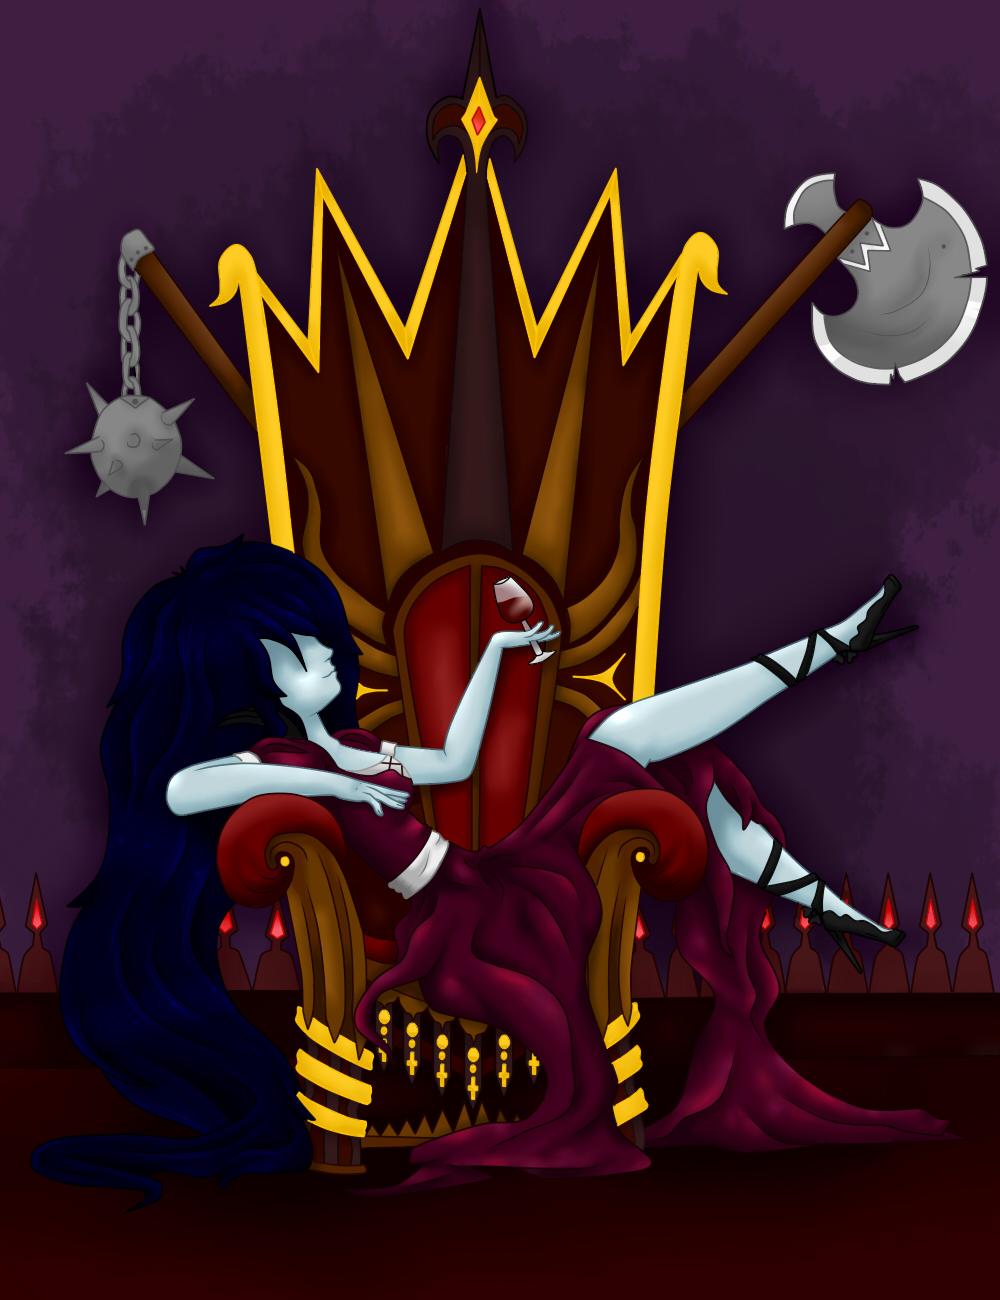 La reina soy yo by Pandi-Mar